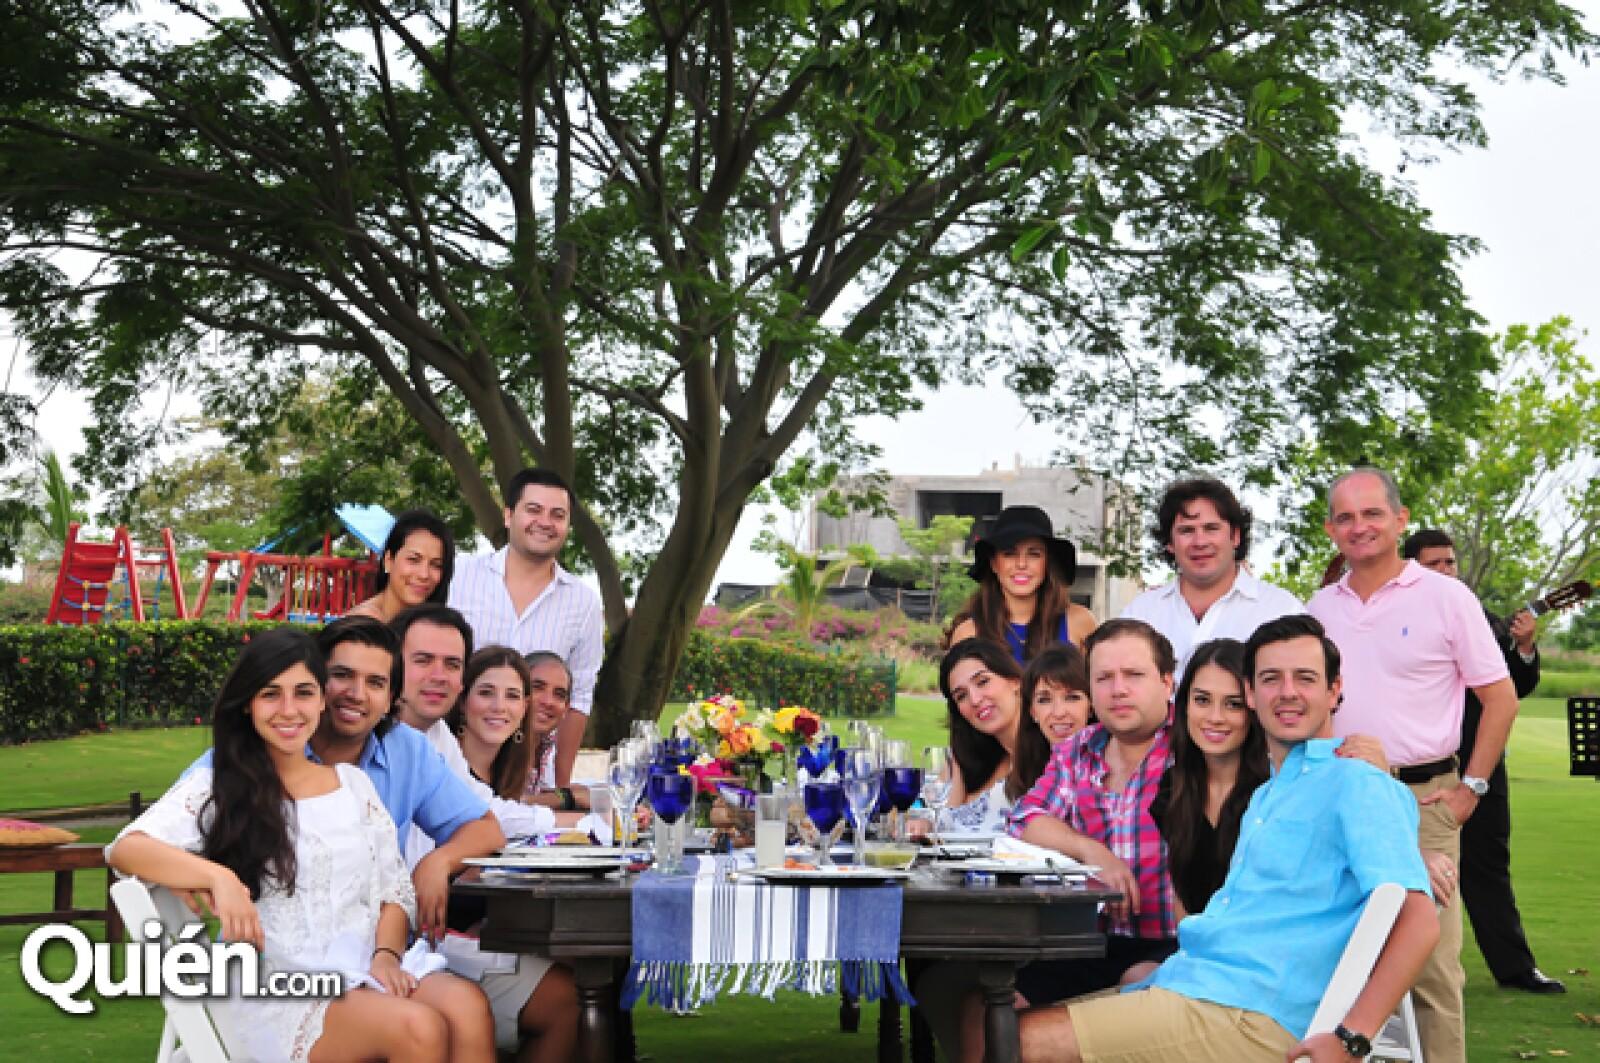 El grupo disfrutando de una deliciosa comida en el campo de golf